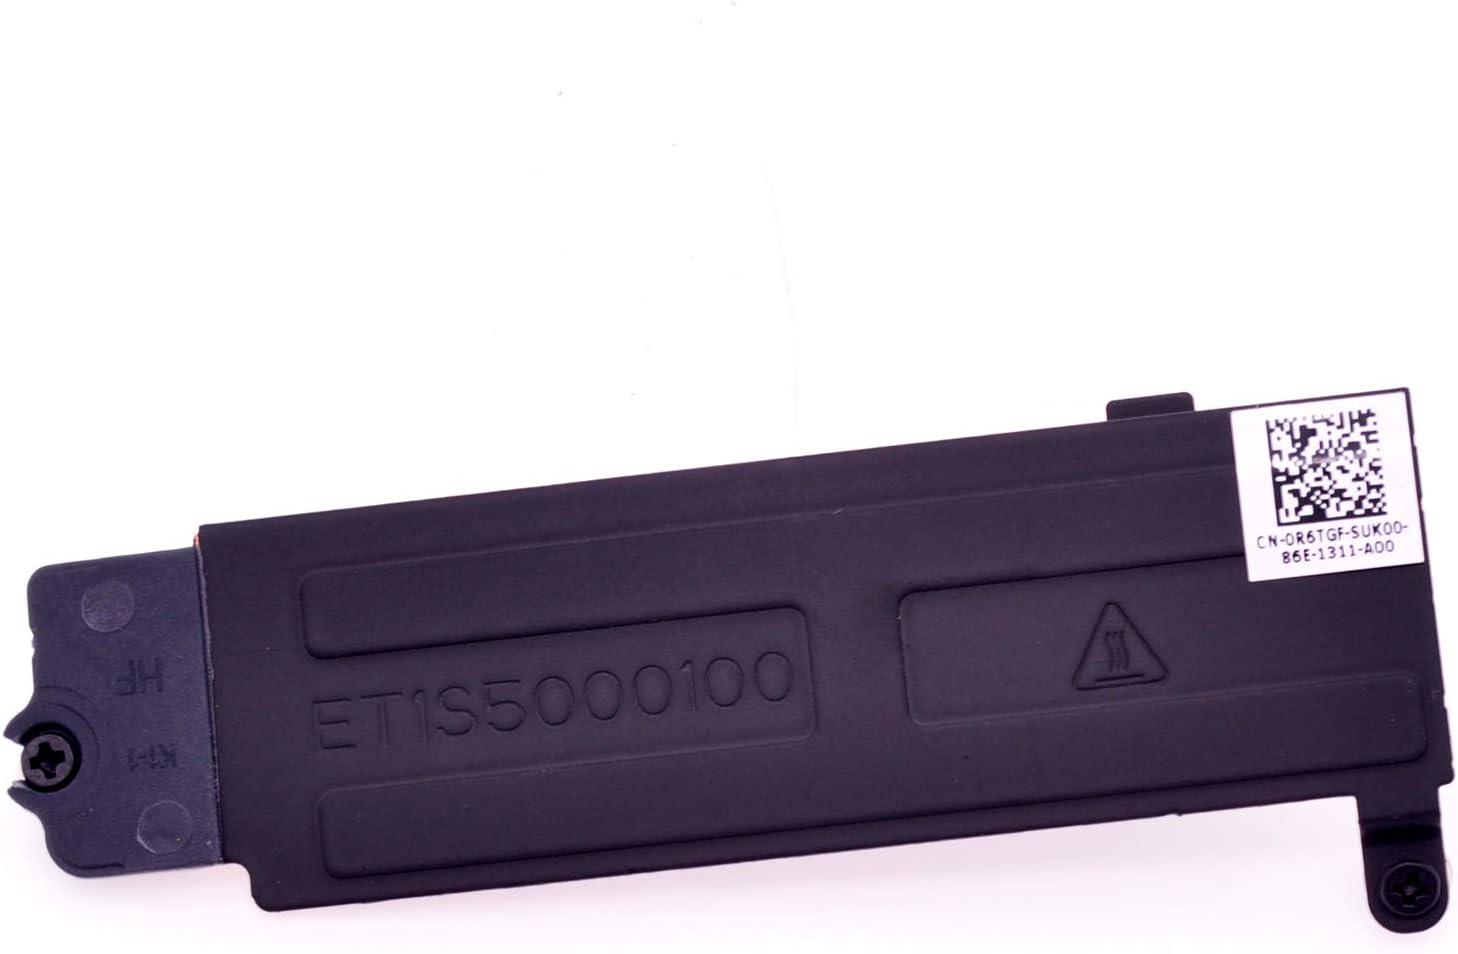 Deal4Go NVME 2280 M.2 SSD Heatsink Bracket Cover for Dell Latitude 7480 7490 7380 7280 7290 0R6TGF R6TGF